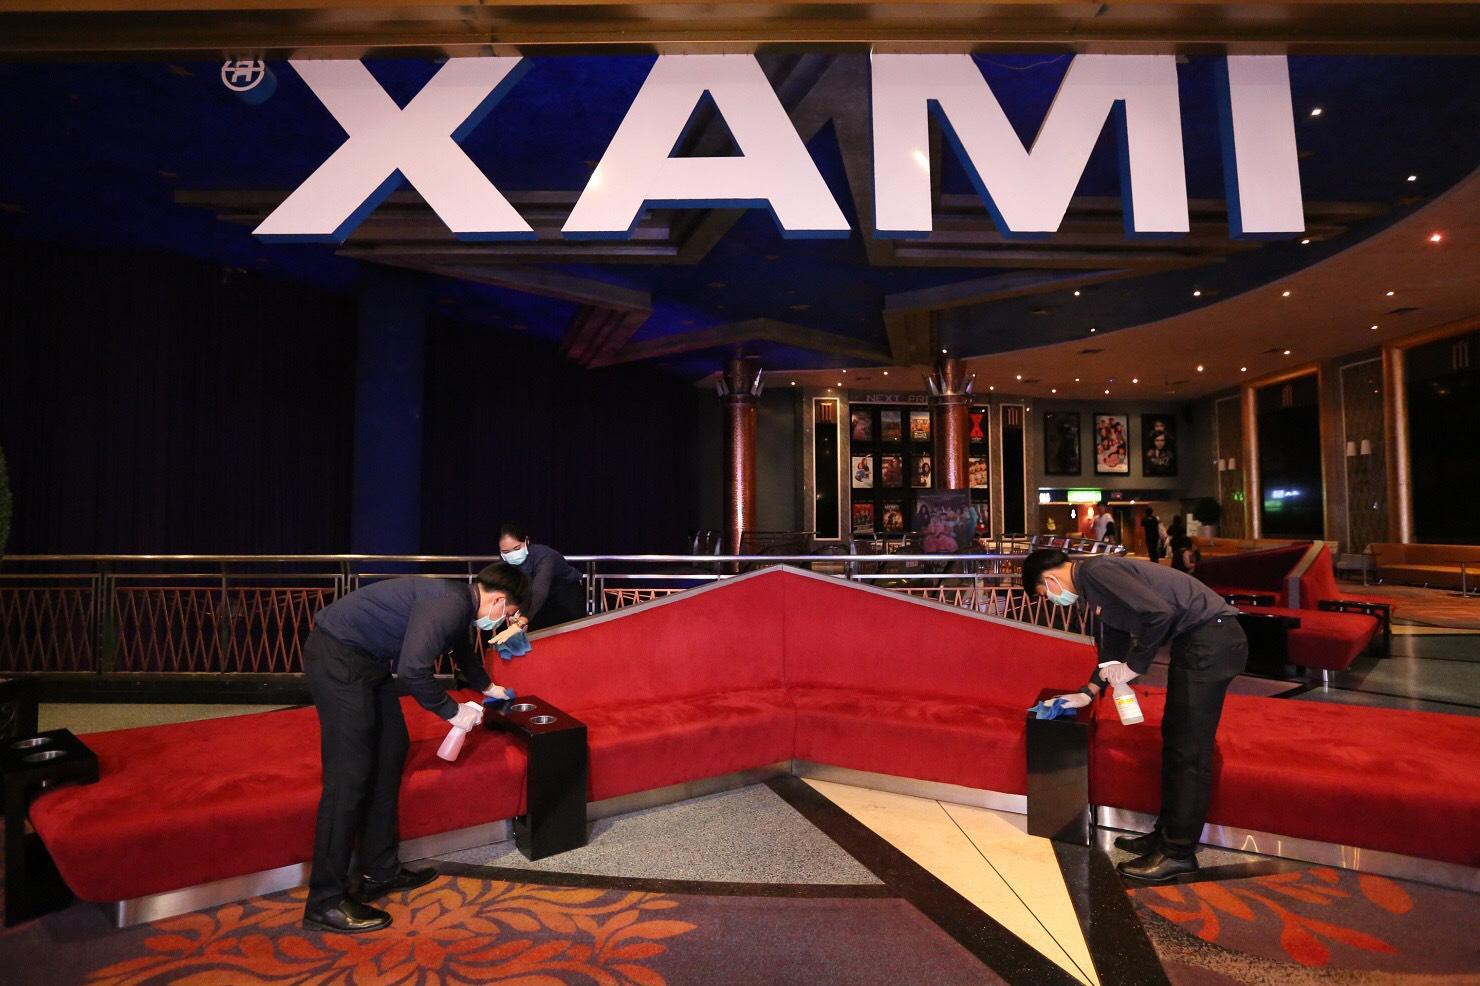 """""""เมเจอร์ ซีนีเพล็กซ์"""" คุมเข้มความสะอาดโรงหนัง สั่งบิ๊กคลีนนิ่งทุก 15 วัน แม้ปิดบริการ"""